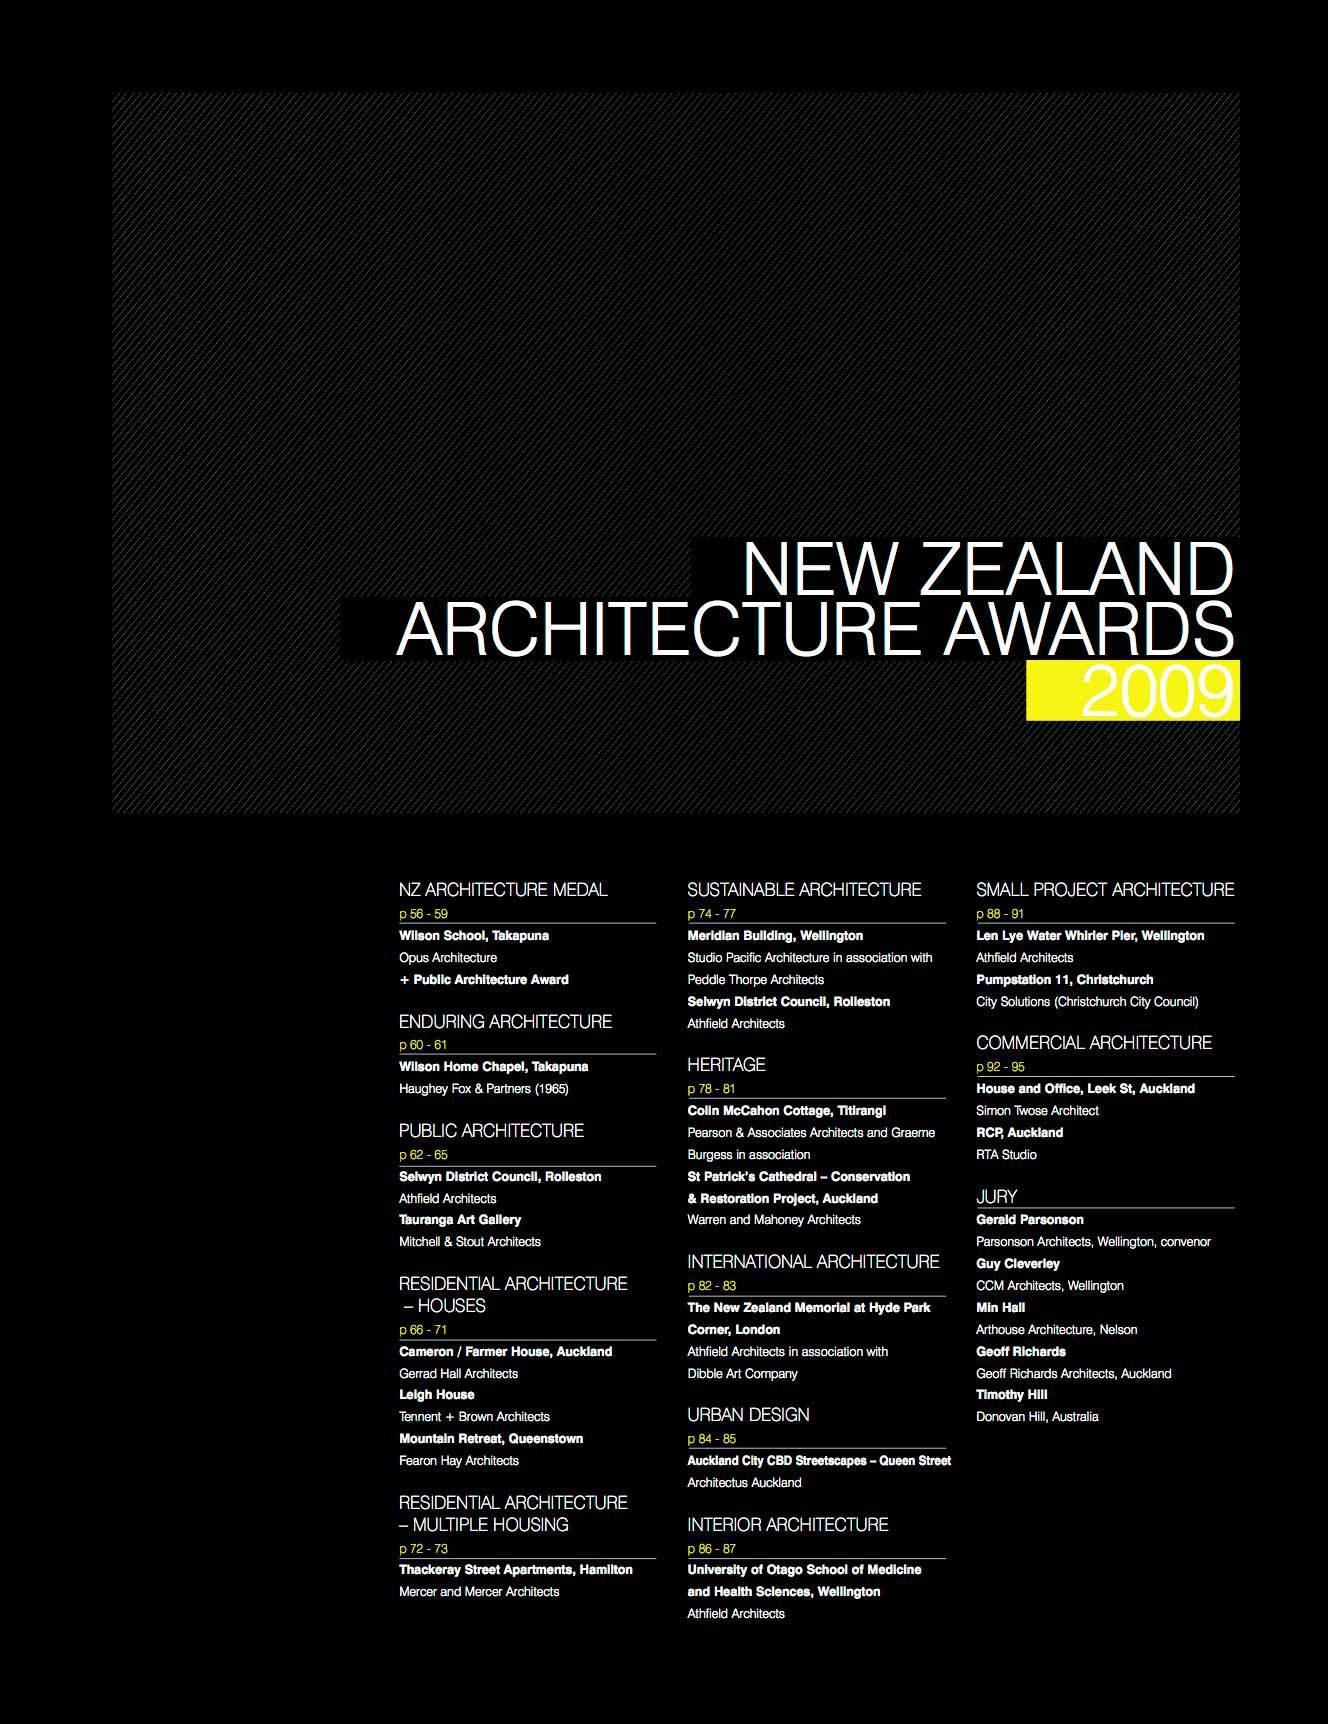 ARCH-NZ-AWARDS-01.jpg